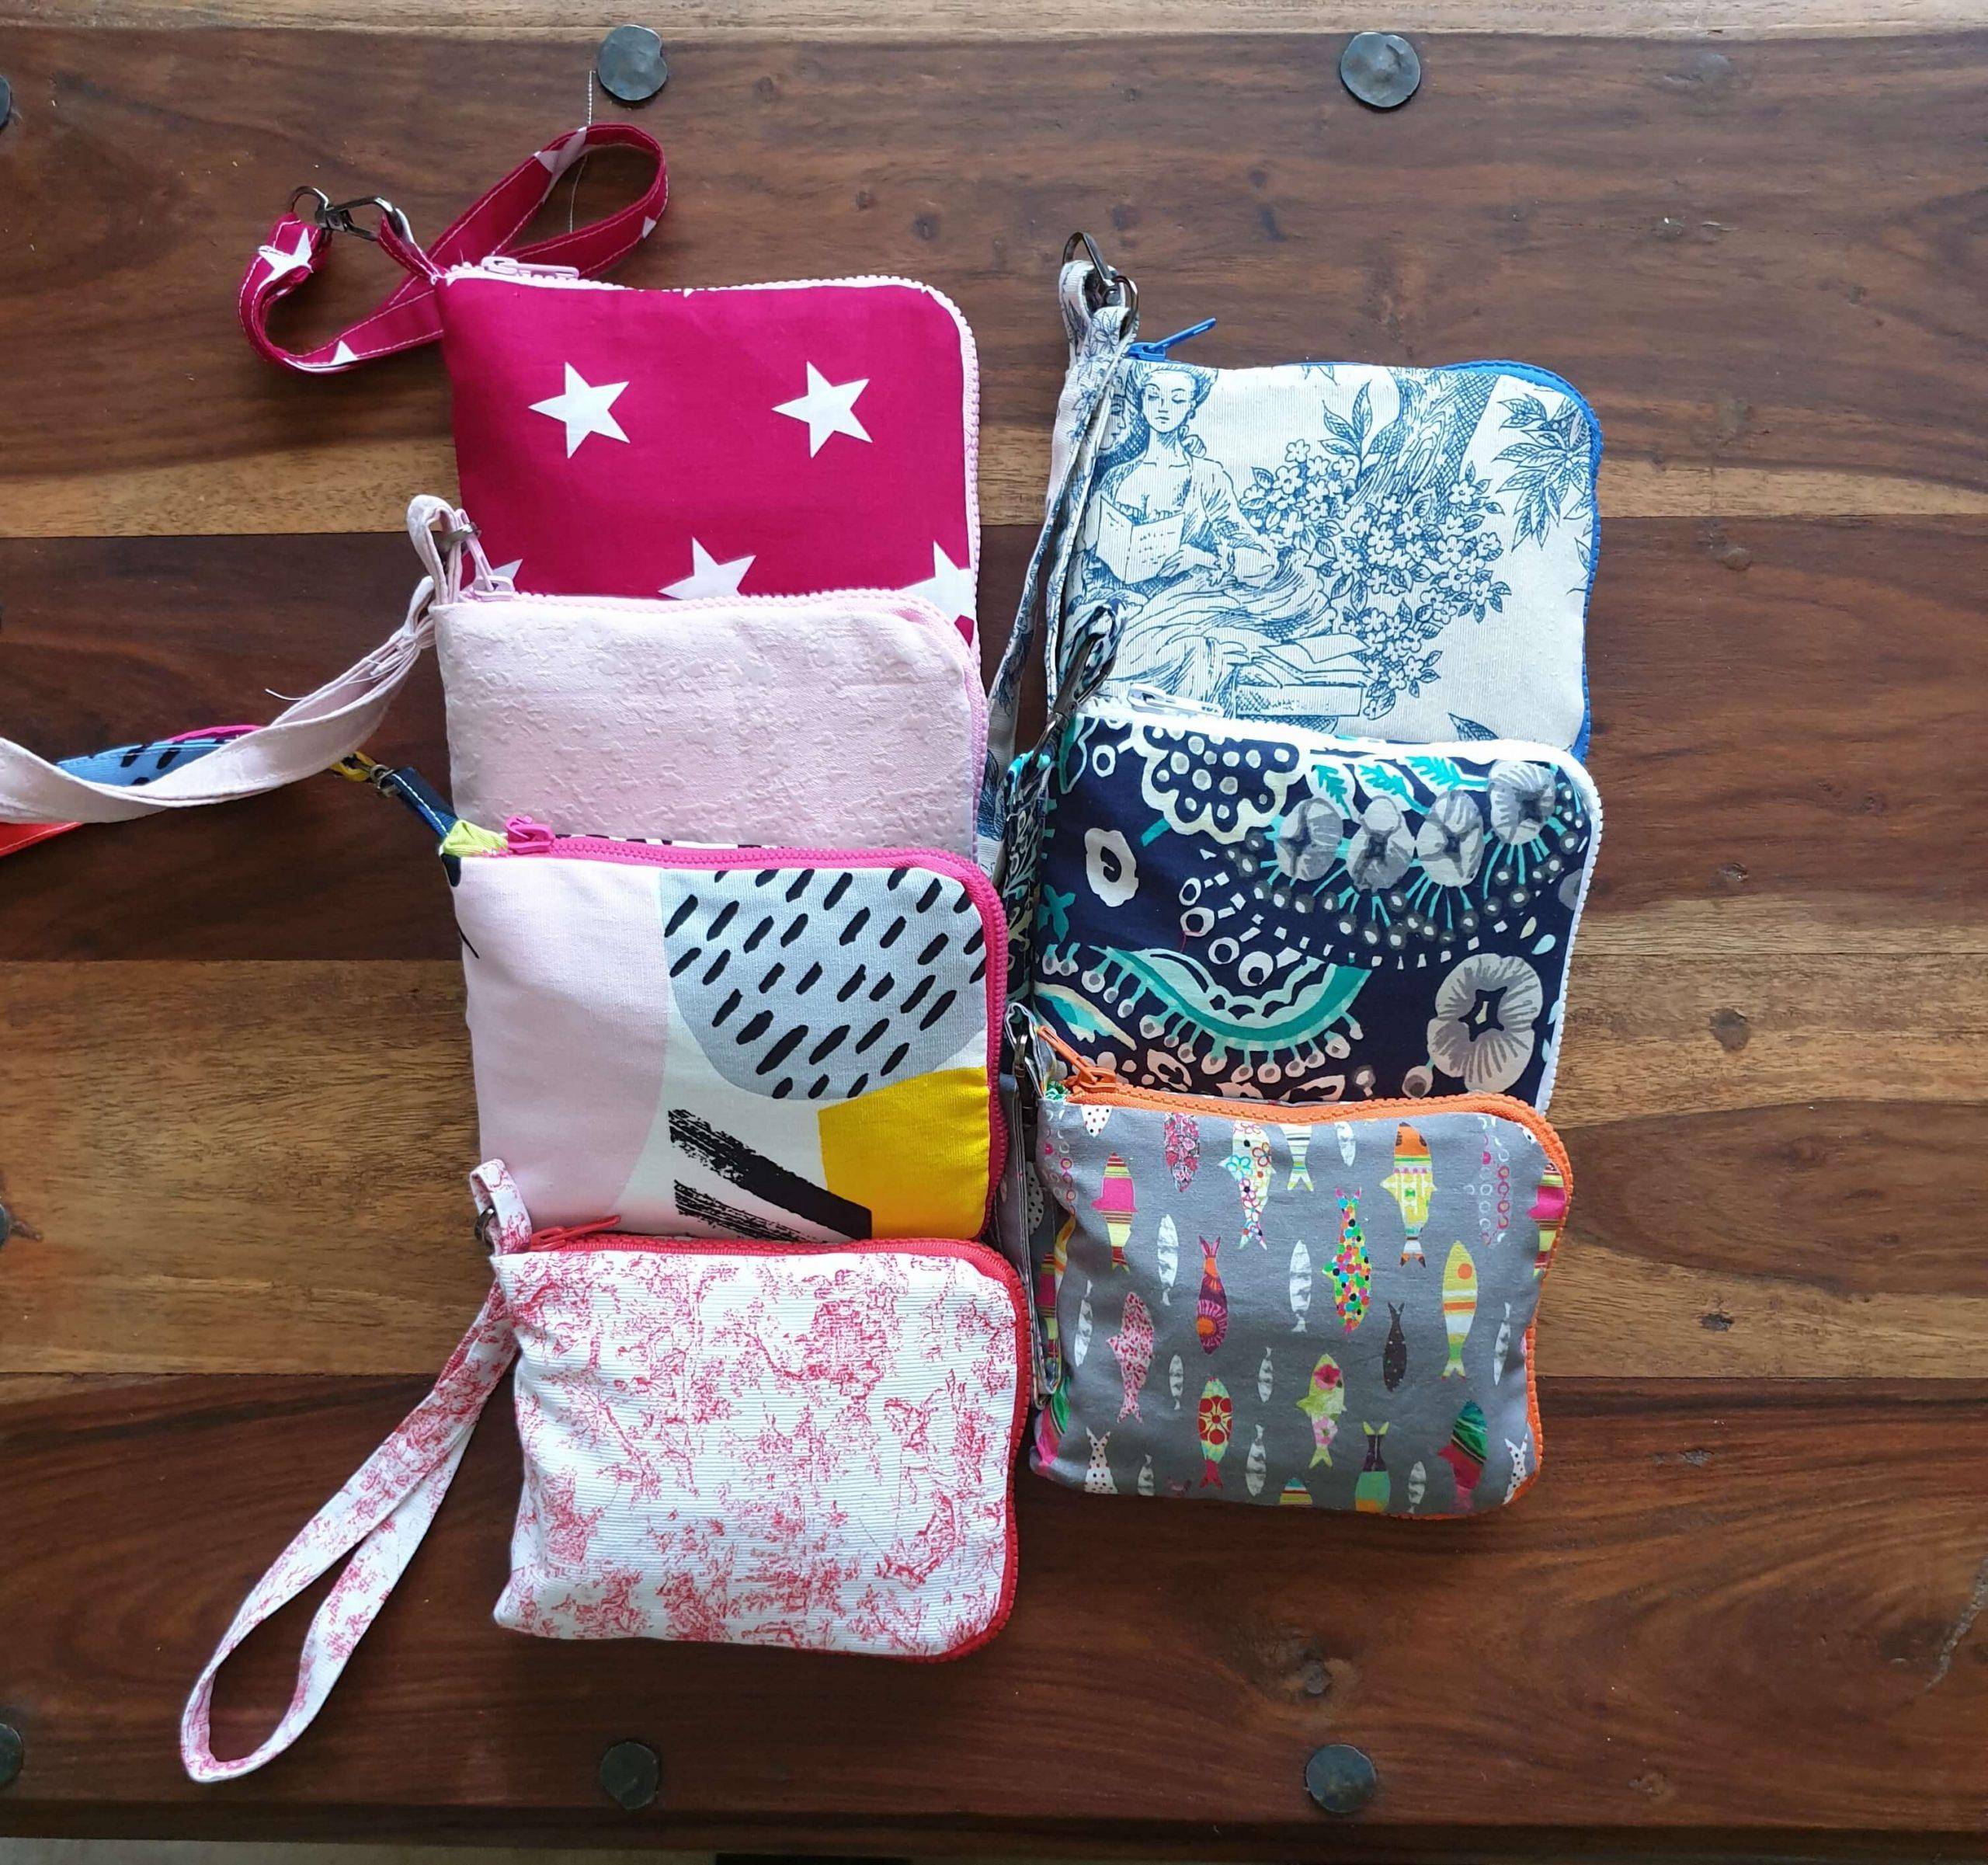 Diversos colores de bolsas de tela ecológicas reutilizables, lavables y funcionales